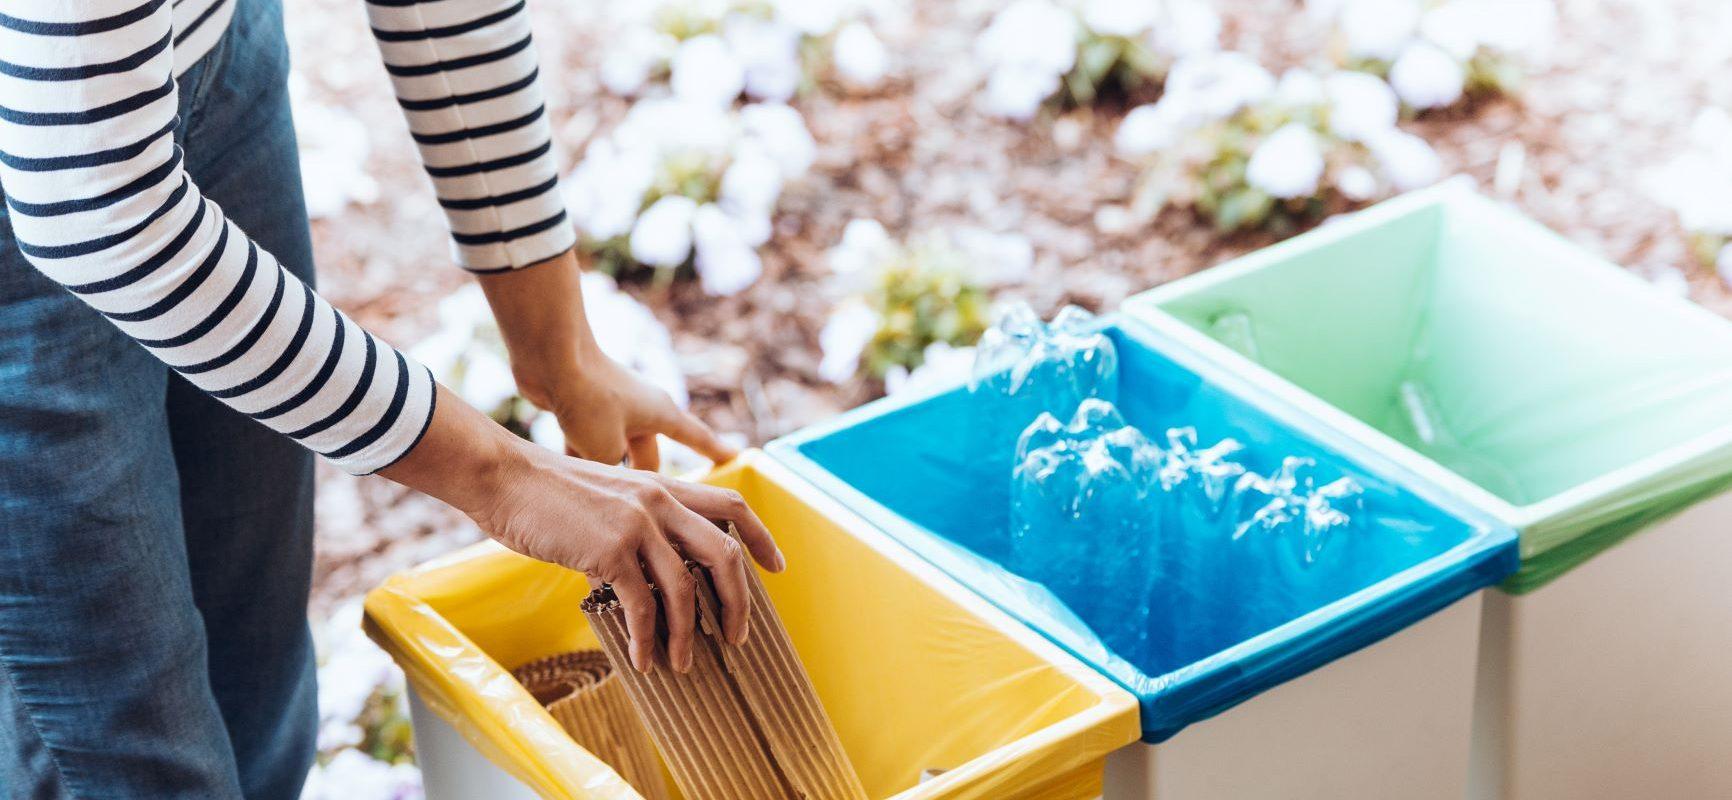 Segregacja śmieci - jak prawidłowo segregować śmieci? Gdzie wrzucać problematyczne odpady typu paragon, lusterko, zatłuszczony papier? Sprawdź naszą ściągawkę! Kobieta segreguje śmieci.